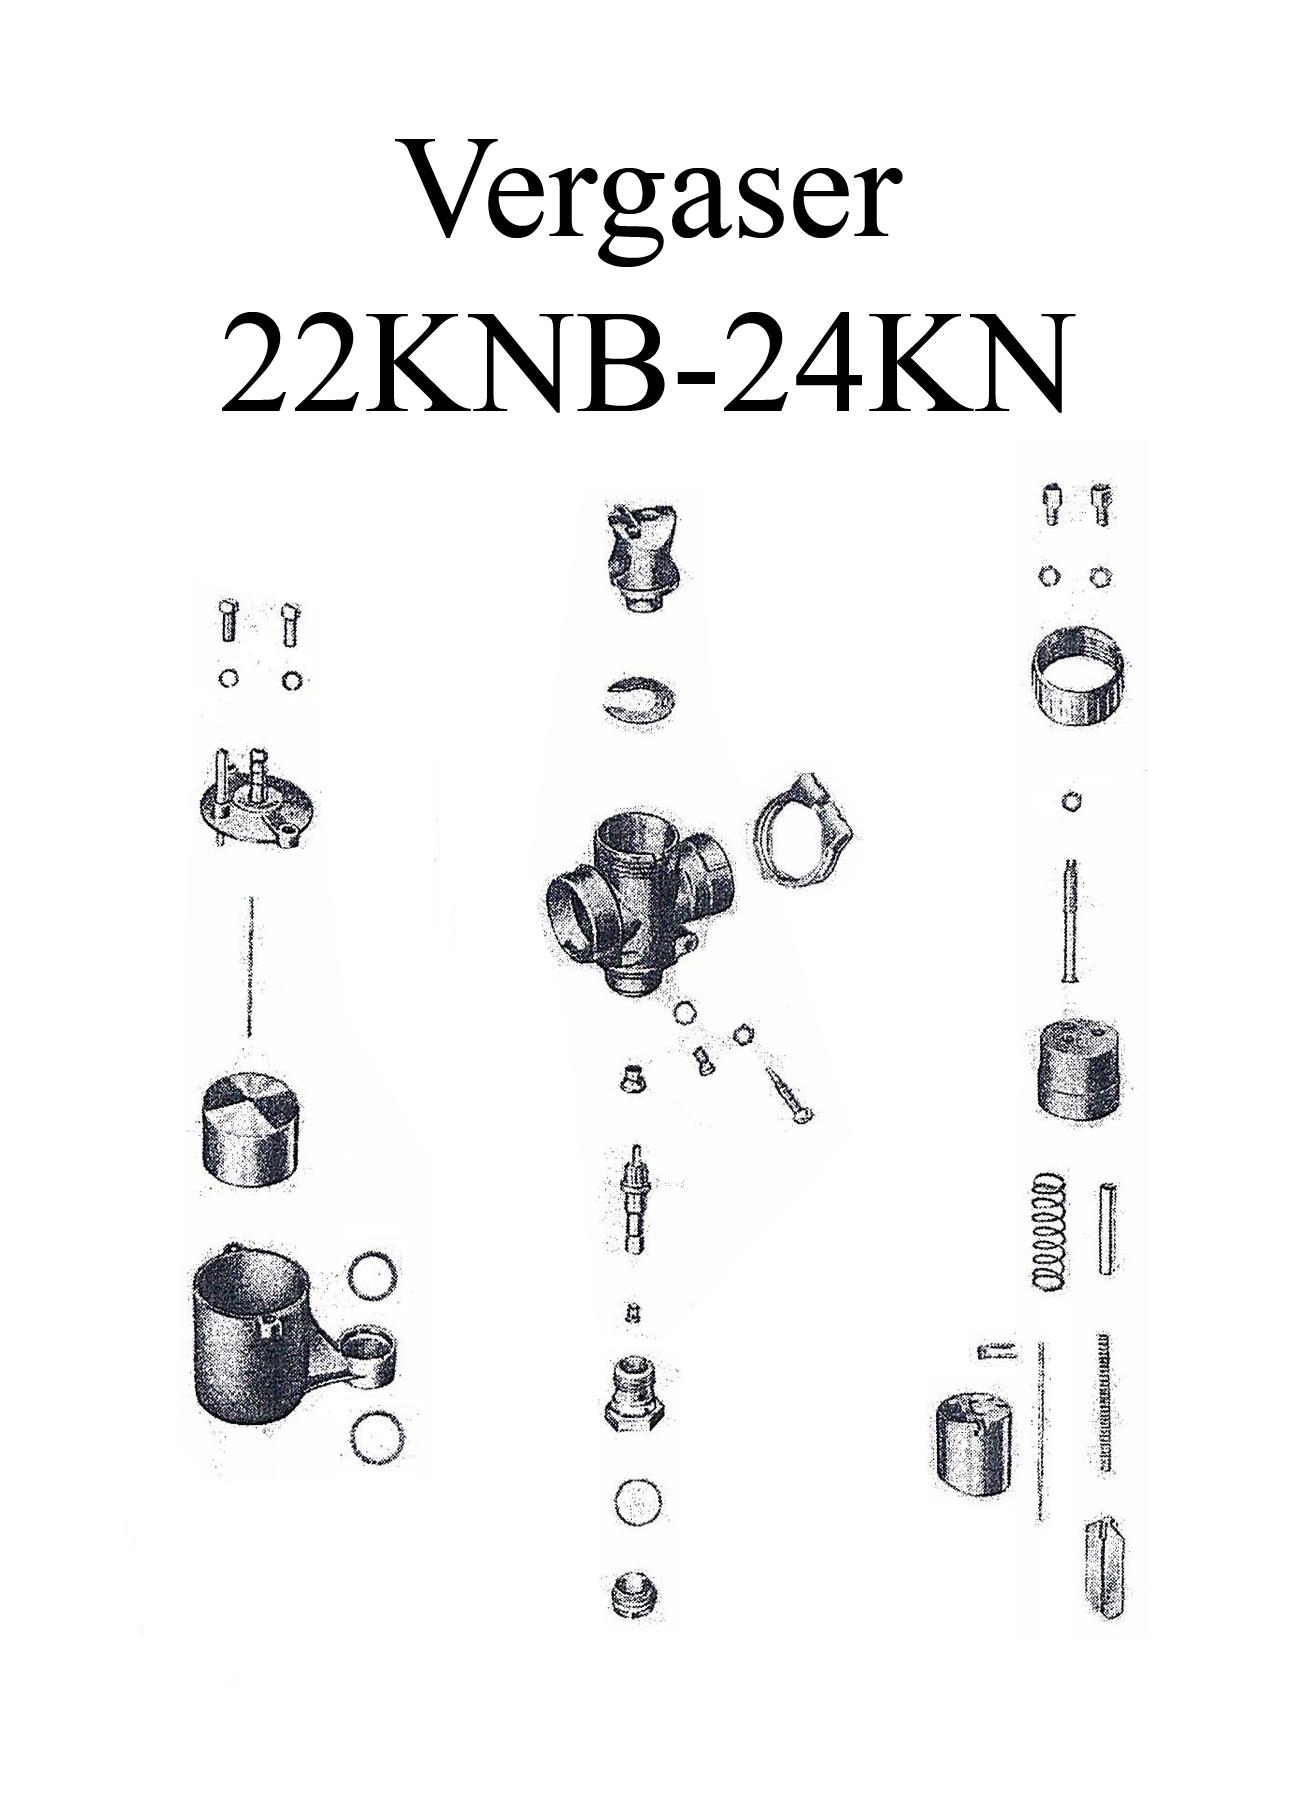 DDR-Motorrad MZ ES 125-150 Ersatzteileliste BVF Vergaser 22KNB-24KN Düse Dichtung Schwimmer Teillastnadelhalter Schieber Feder Hülse Reparaturset